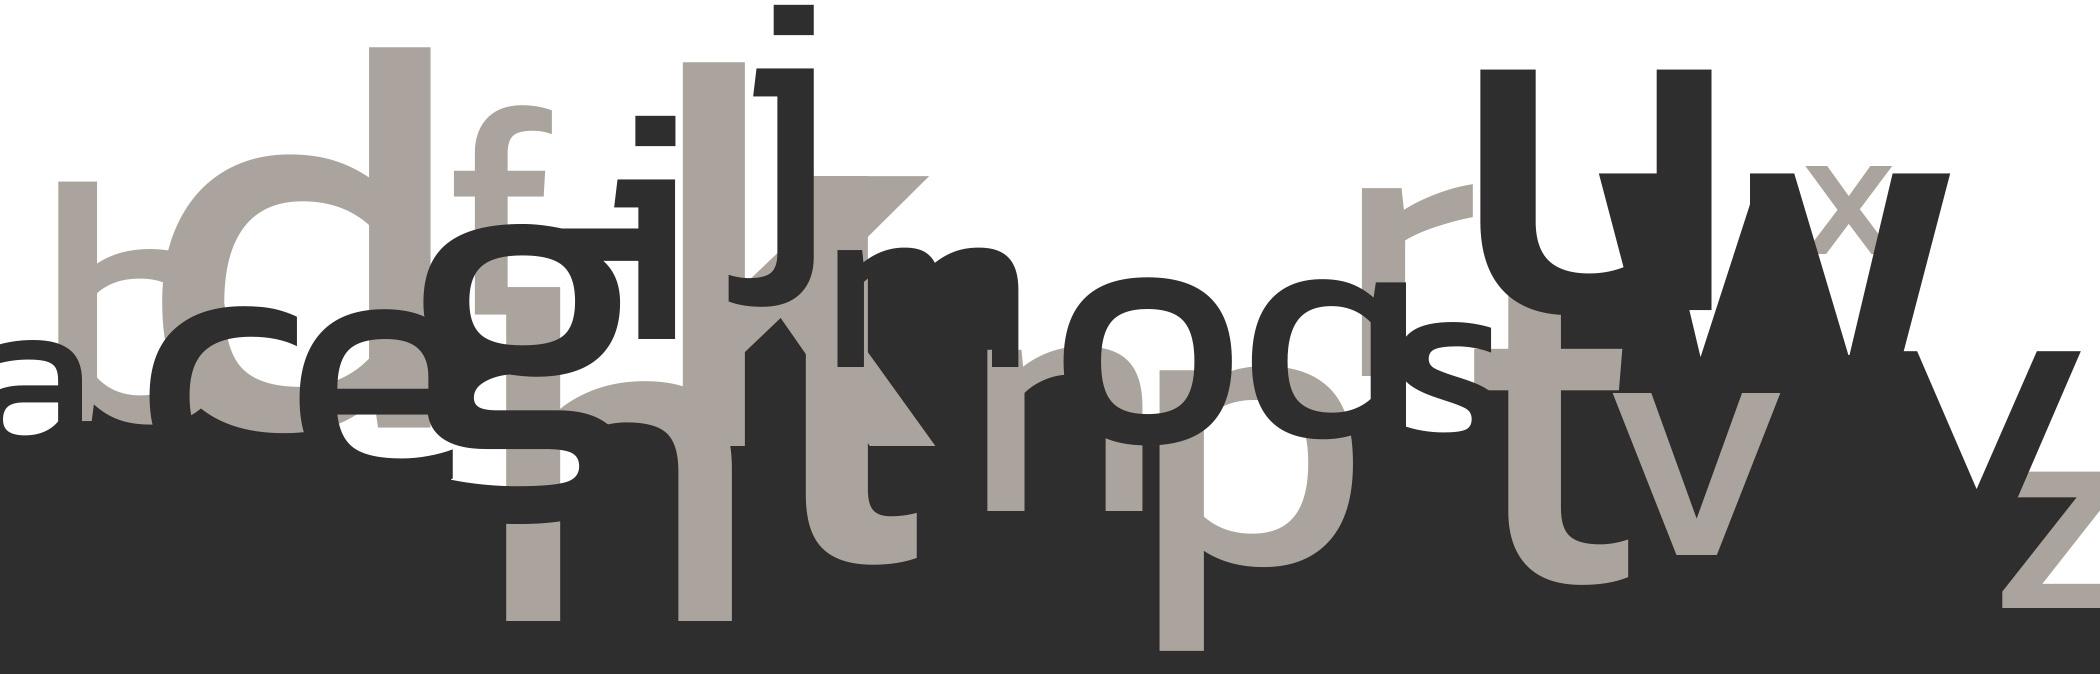 Typografischer Hintergrund